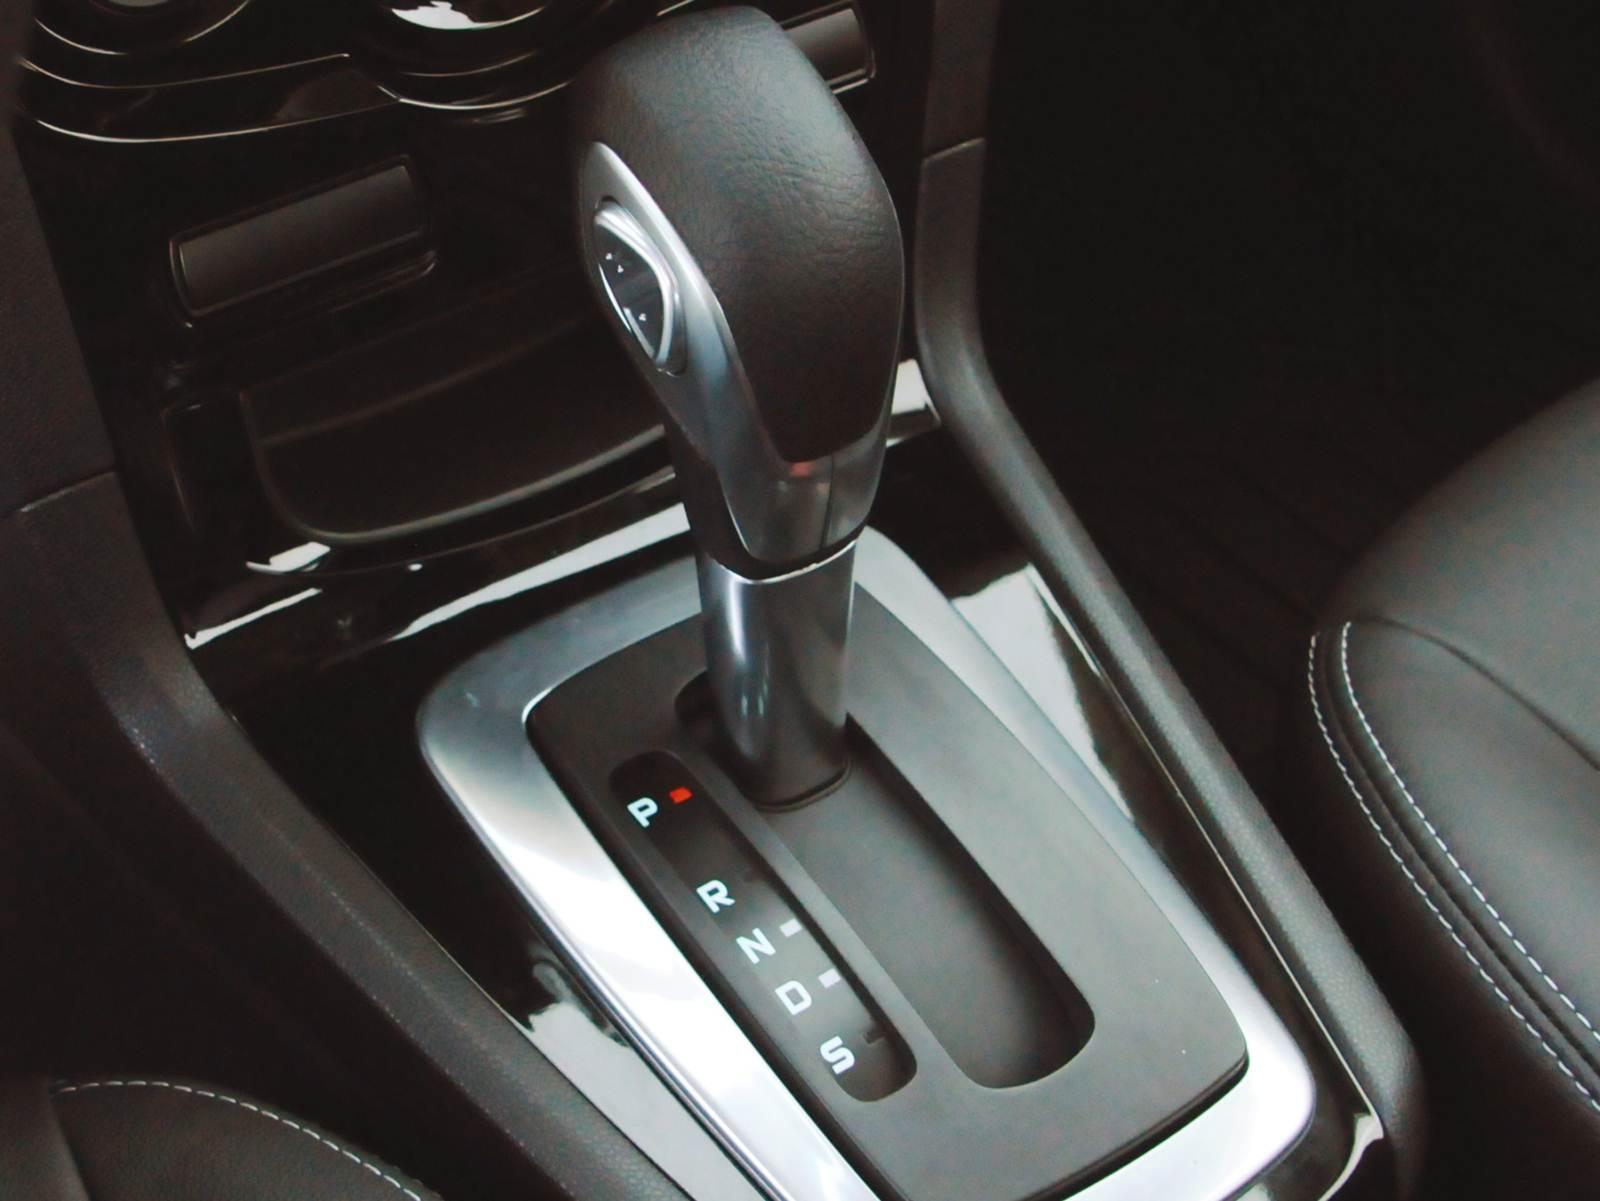 Câmbio automático aumenta o consumo do carro?